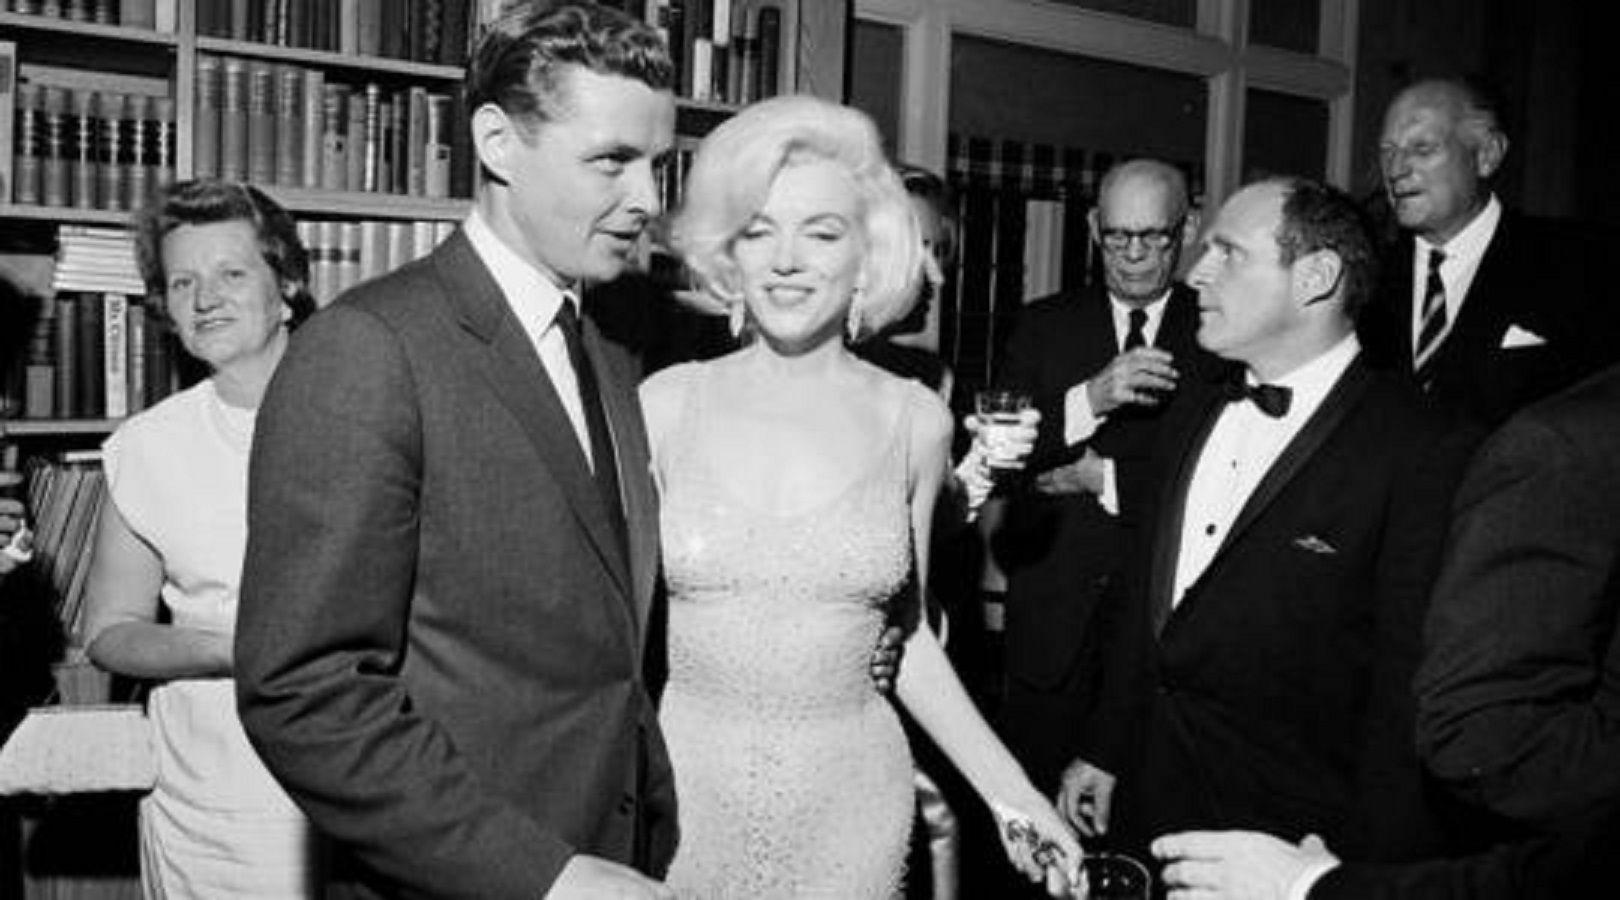 Subastan el vestido con el que Marilyn Monroe le cantó el feliz cumpleaños a Kennedy